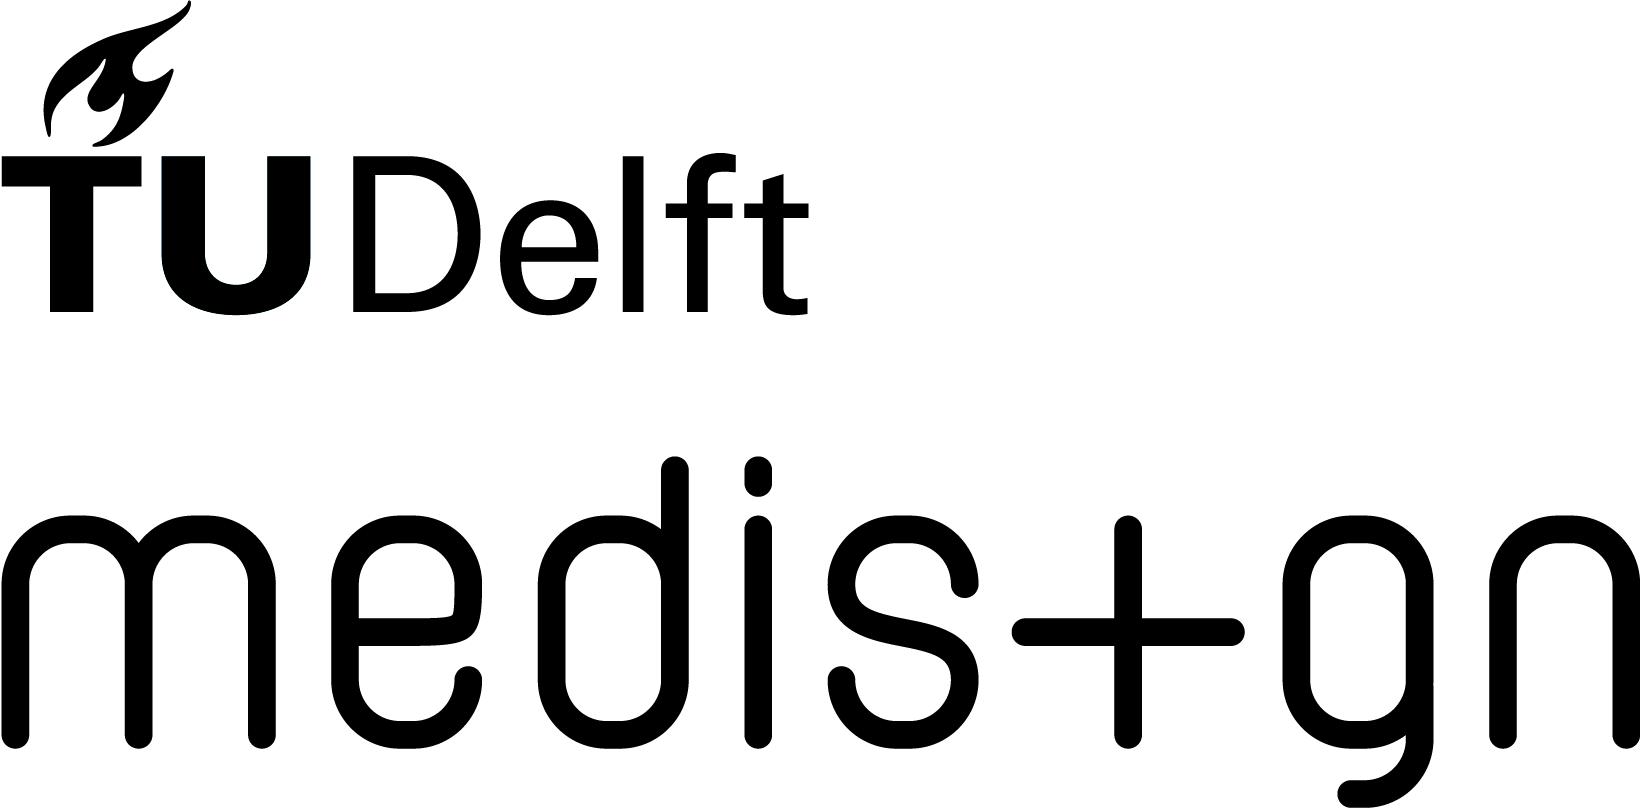 TU Delft Medisign